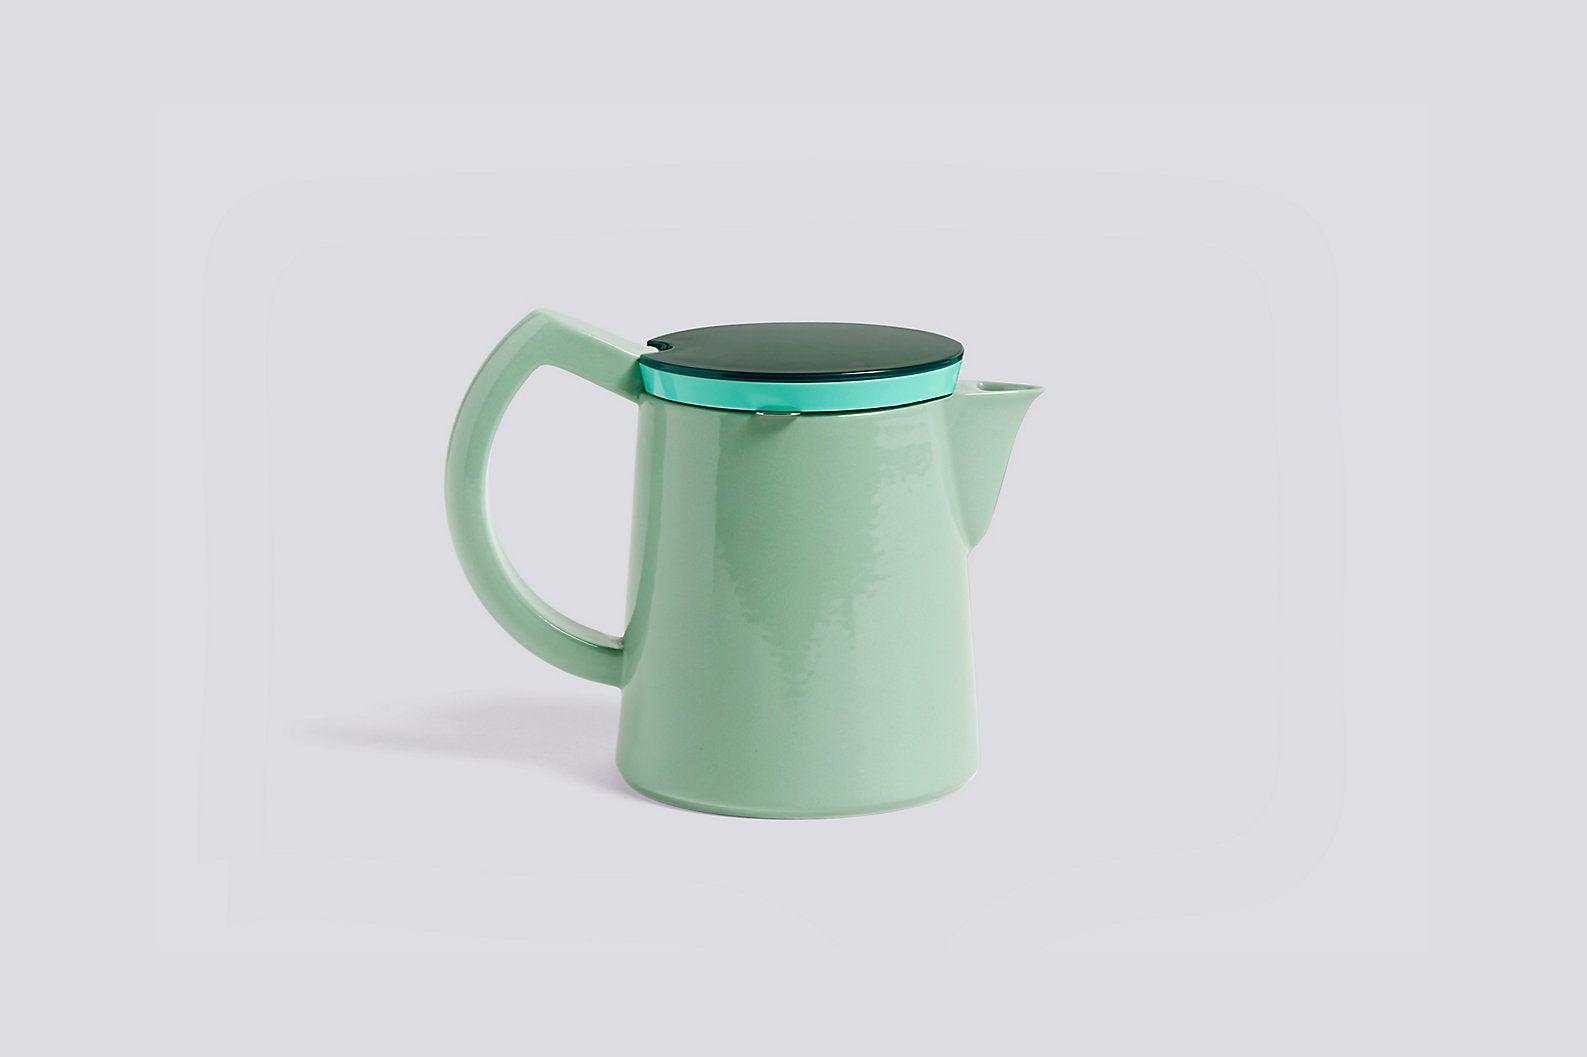 Mint green coffee pot